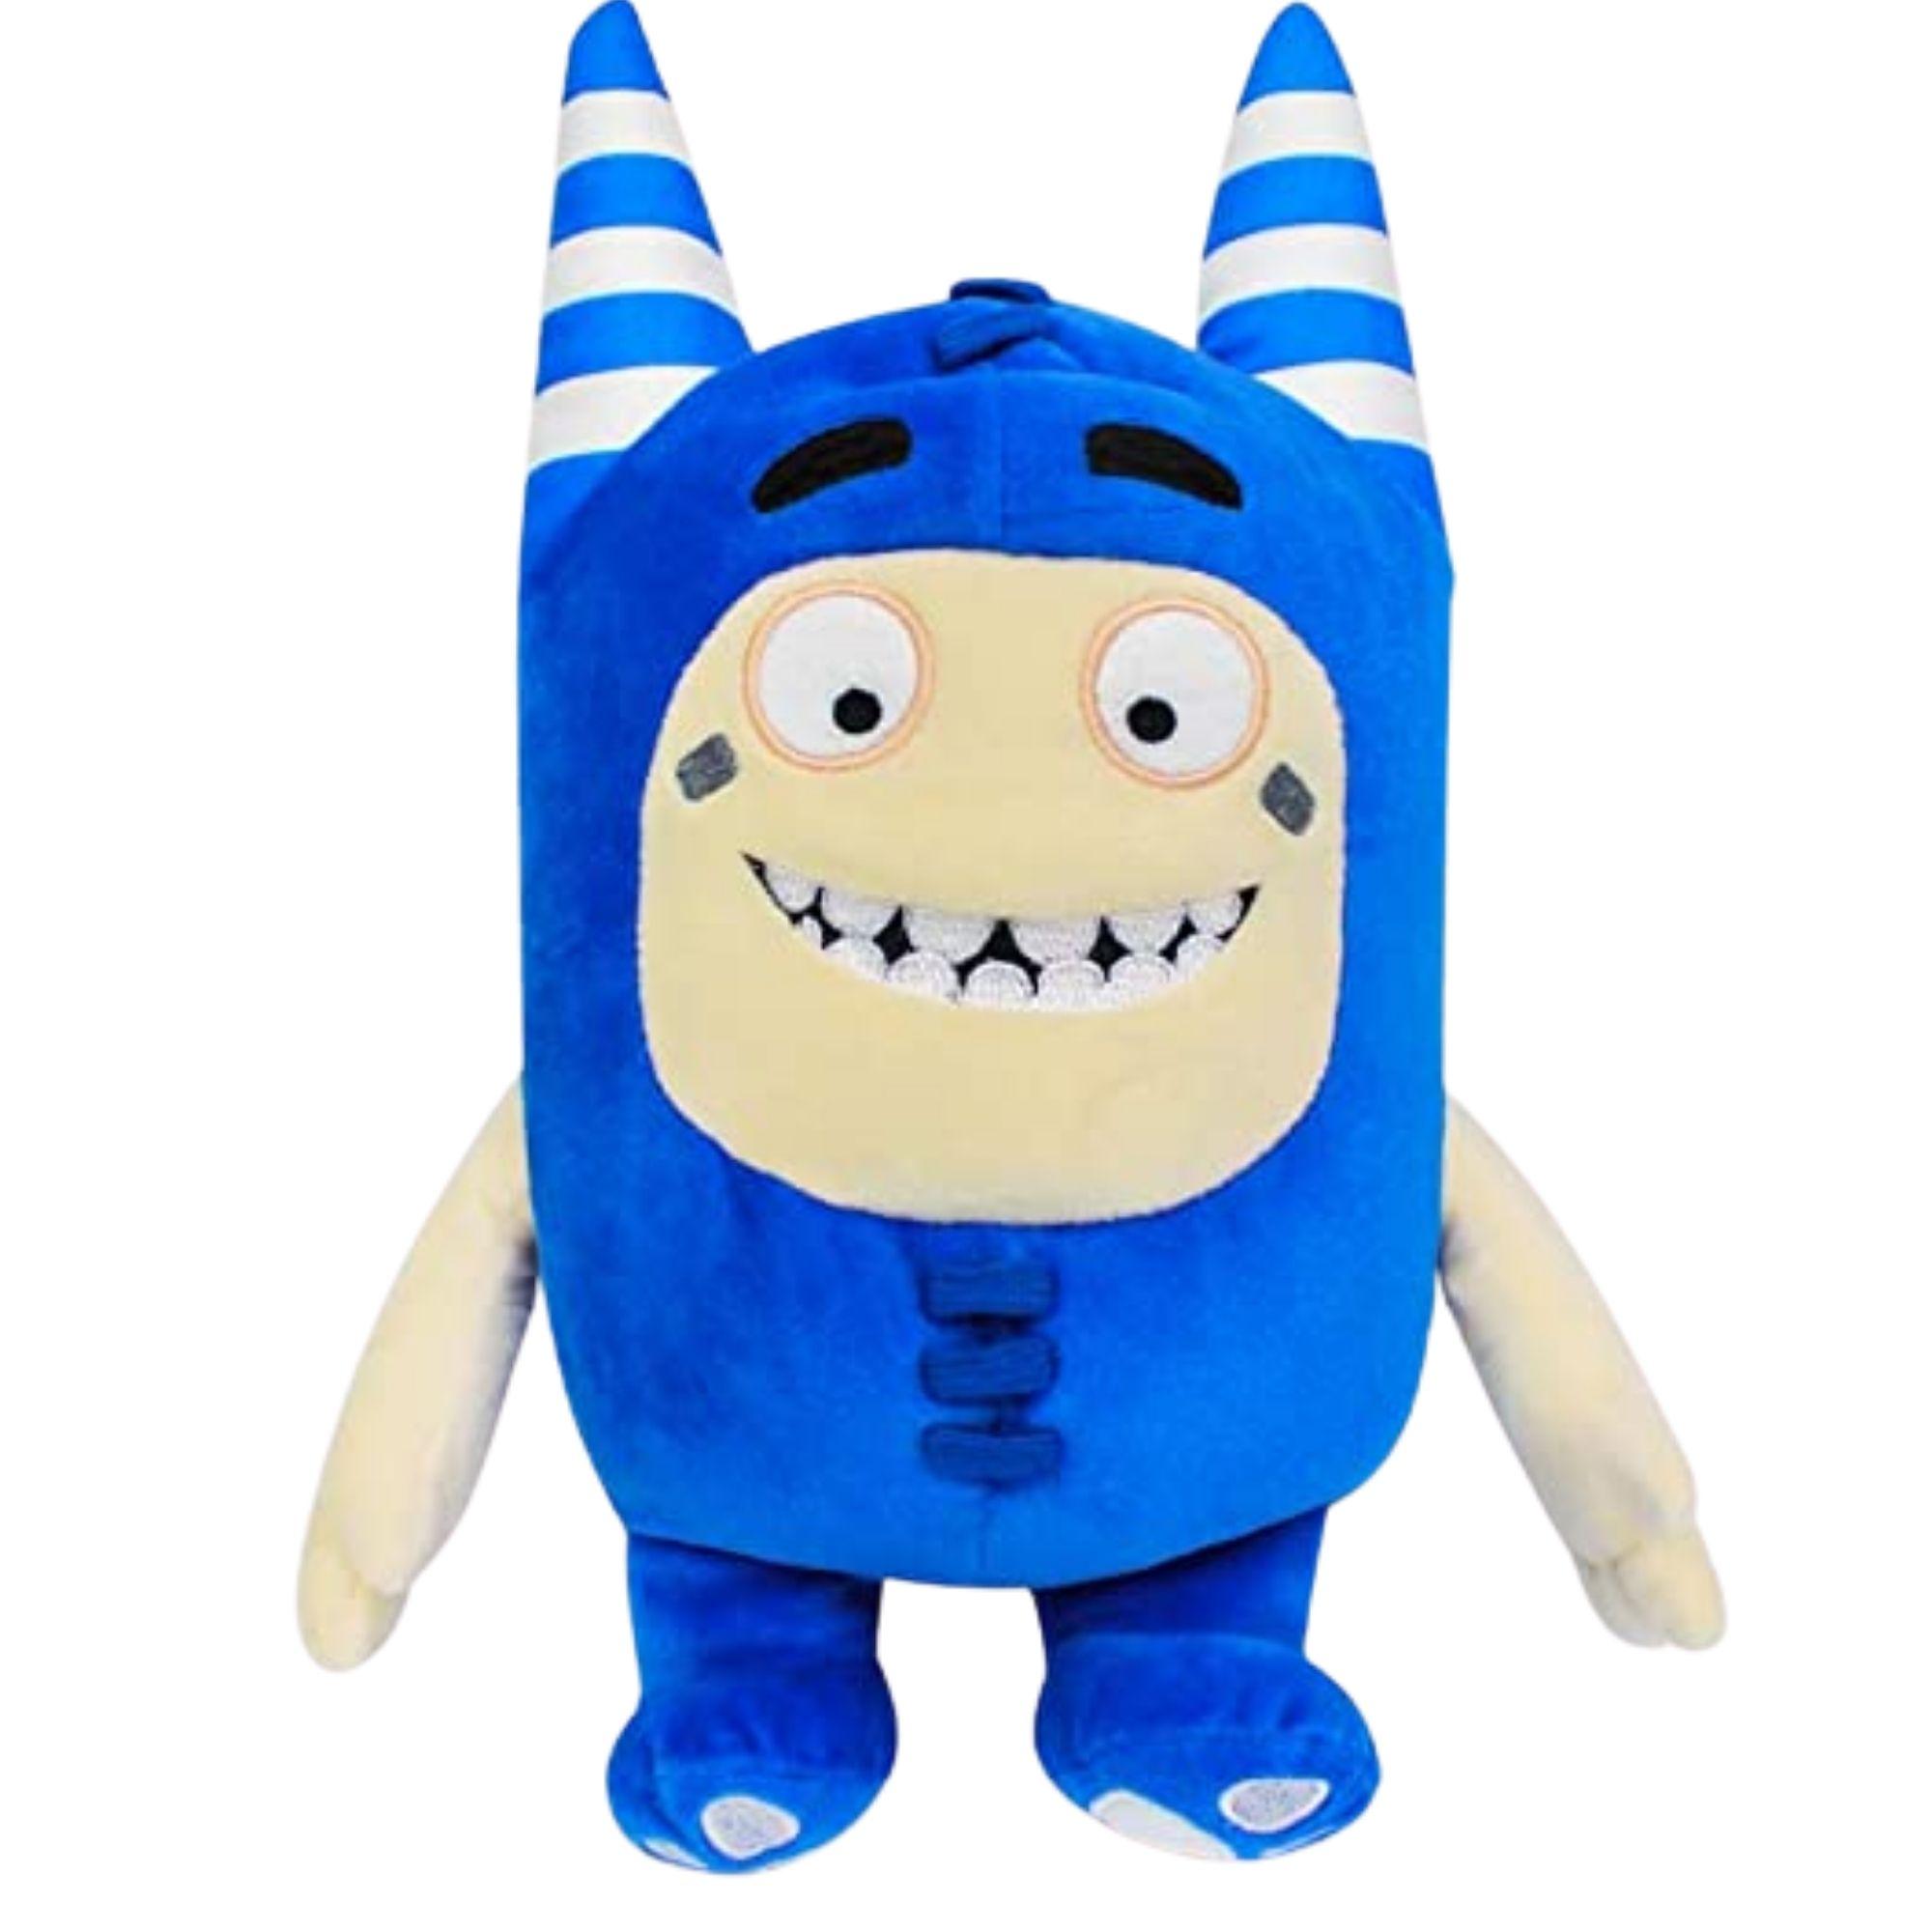 Oddbods Pogo Azul Bicho de Pelucia  - Game Land Brinquedos